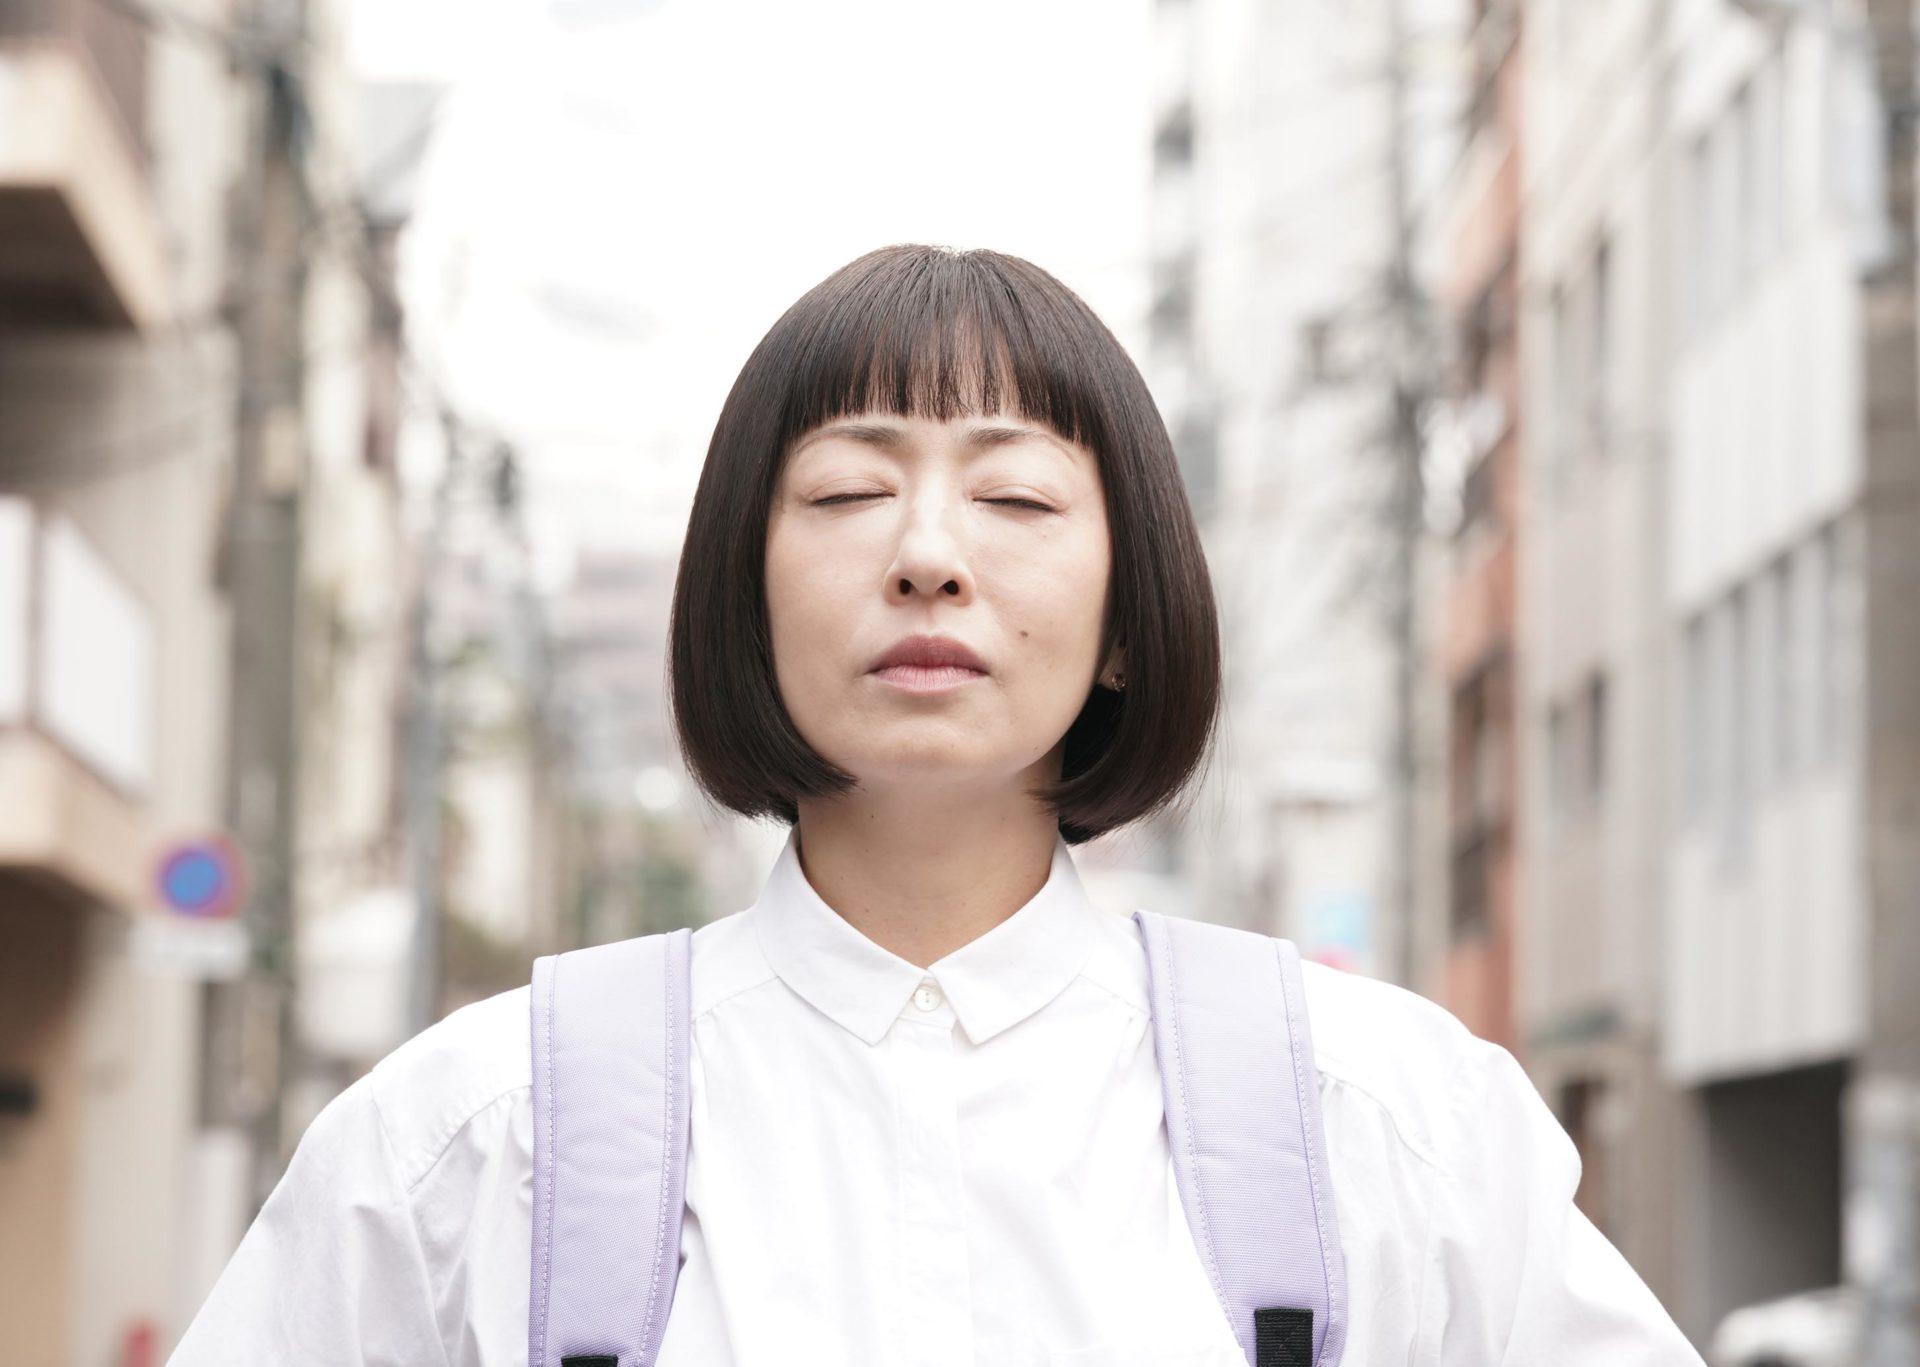 日本新生代最受矚目導演大九明子推出新作《用甜酒漱口》 松雪泰子自爆「是怪人無誤」